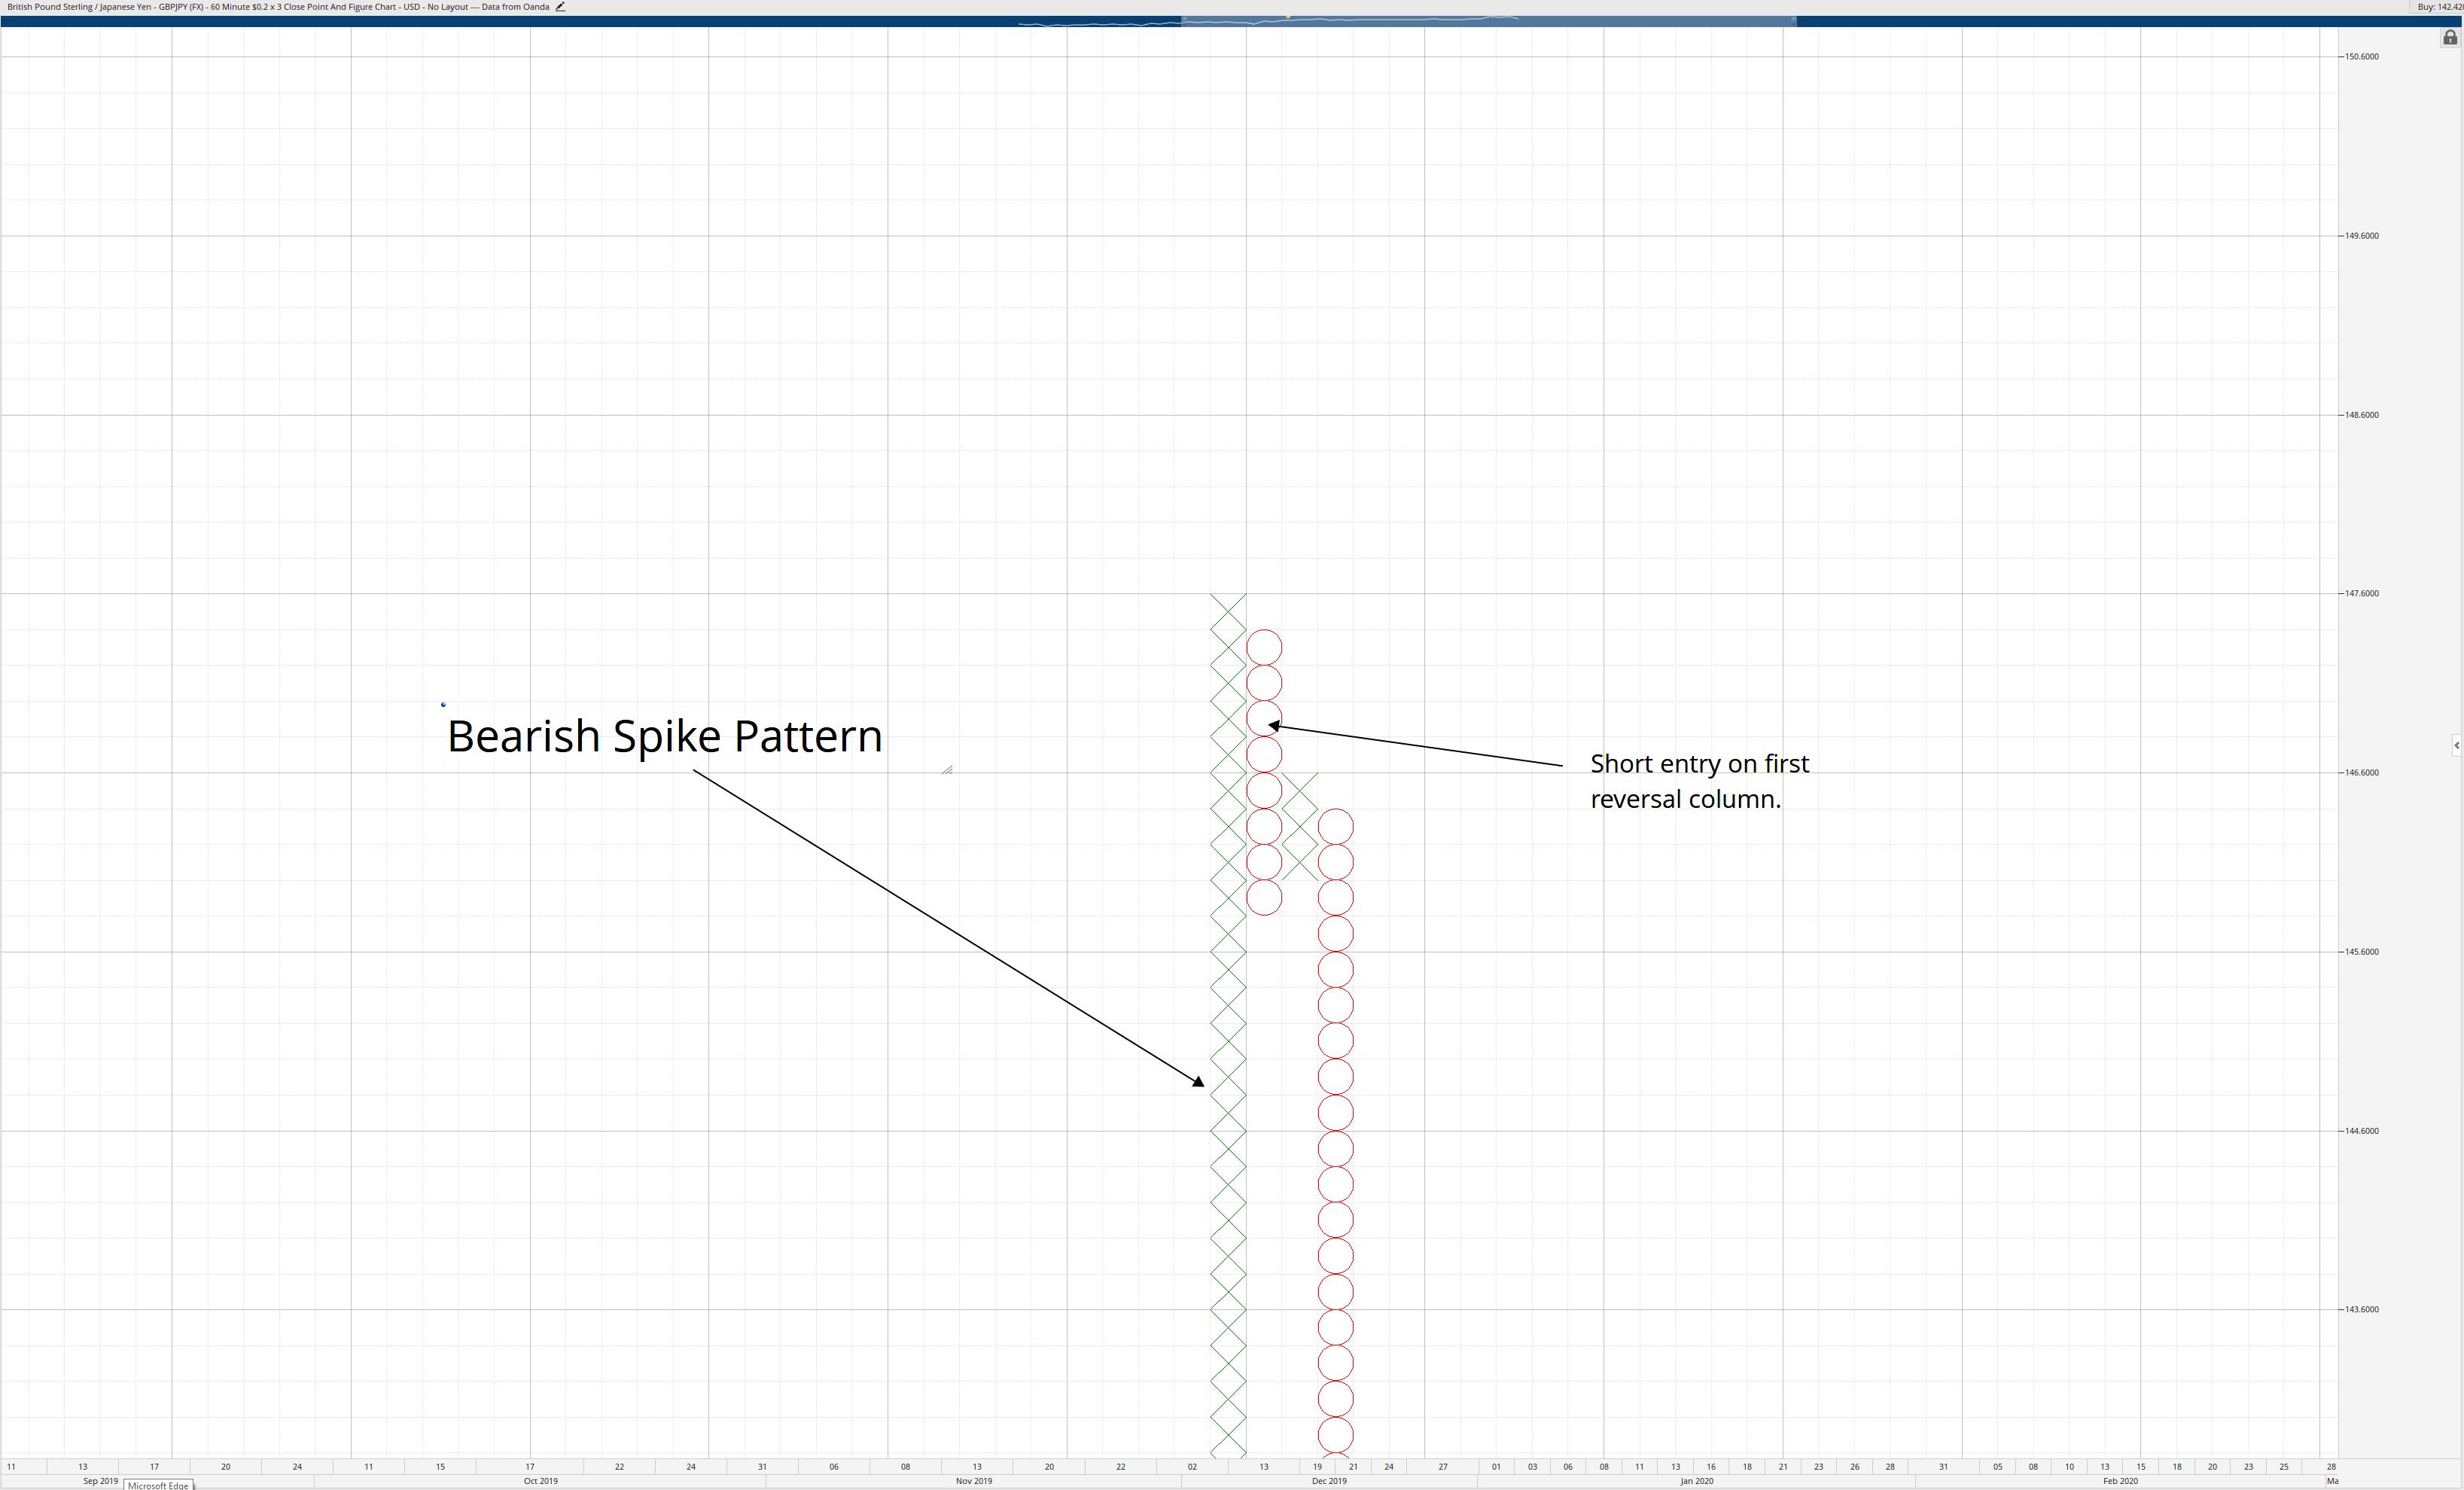 Bearish Spike Pattern